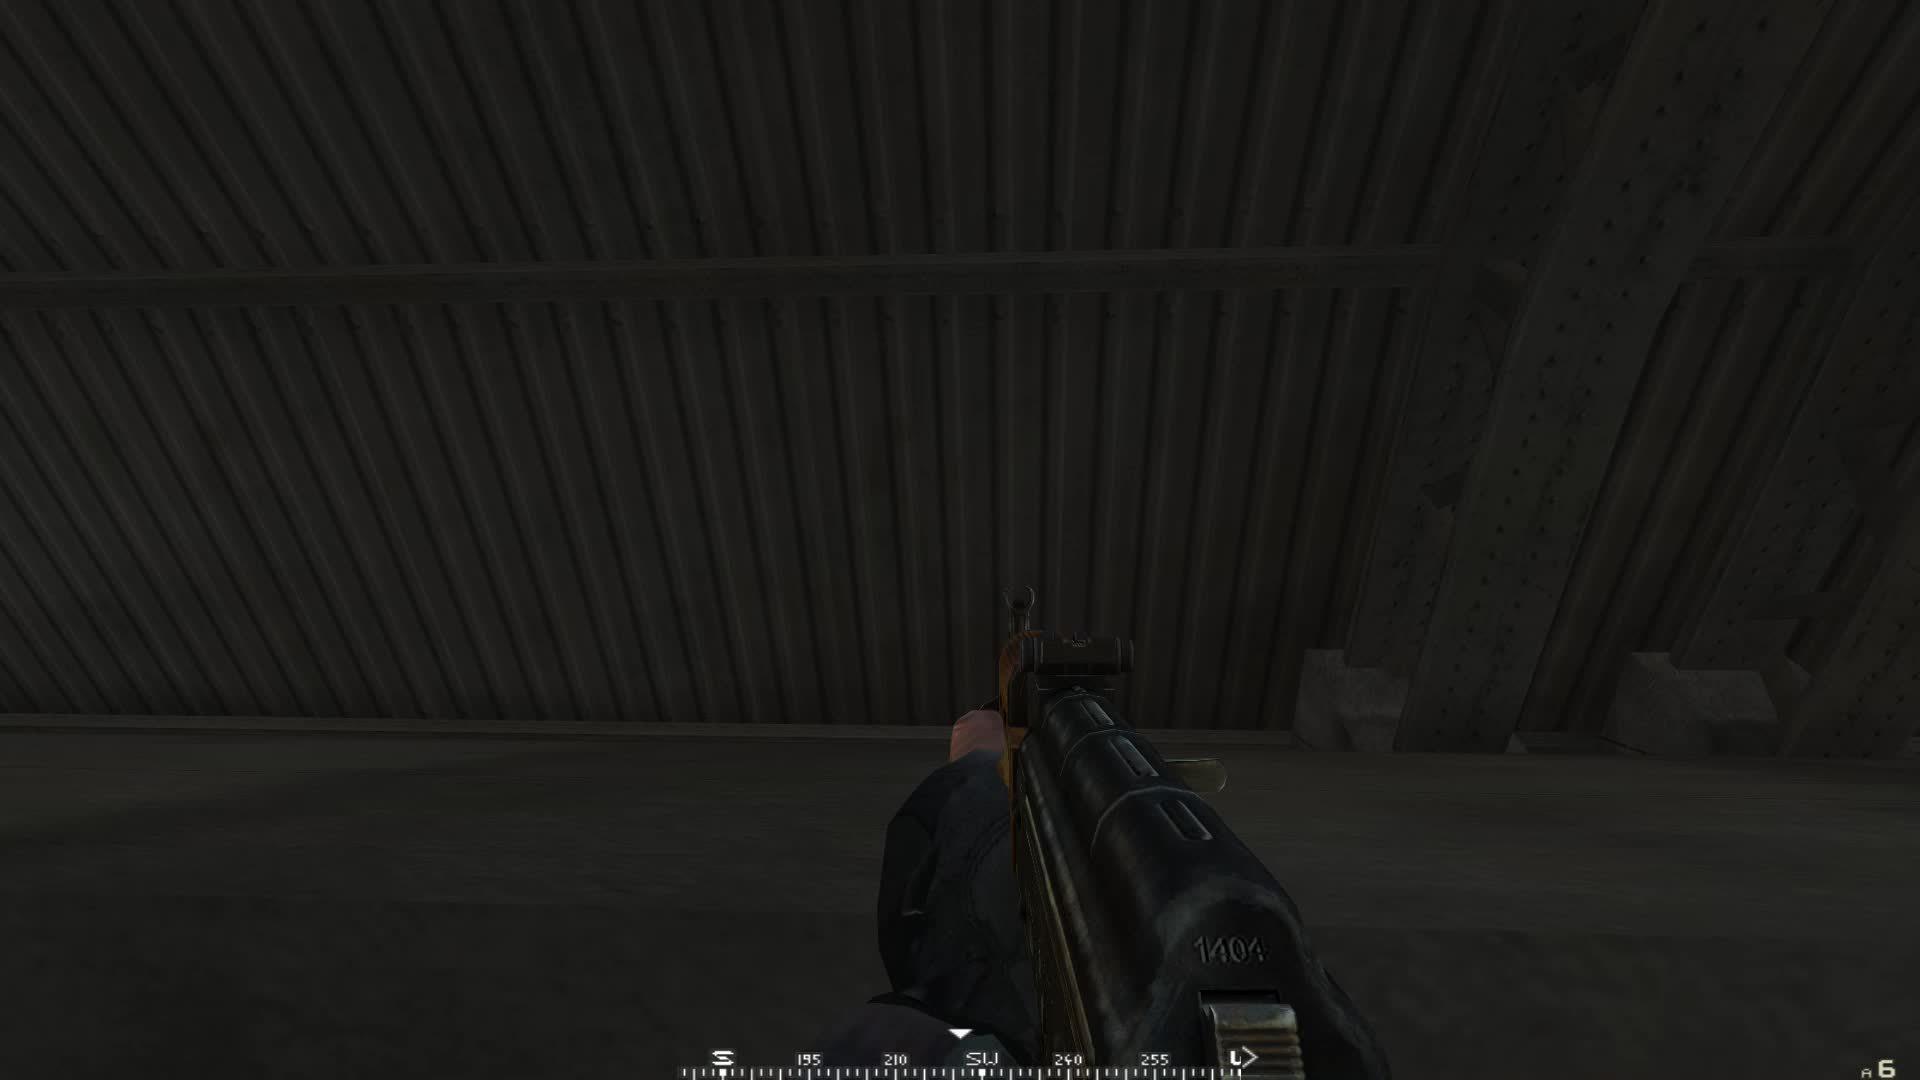 ProjectReality, projectreality, [Militia Bug] Putting bayonet on AKM turns it into an AK47 (reddit) GIFs